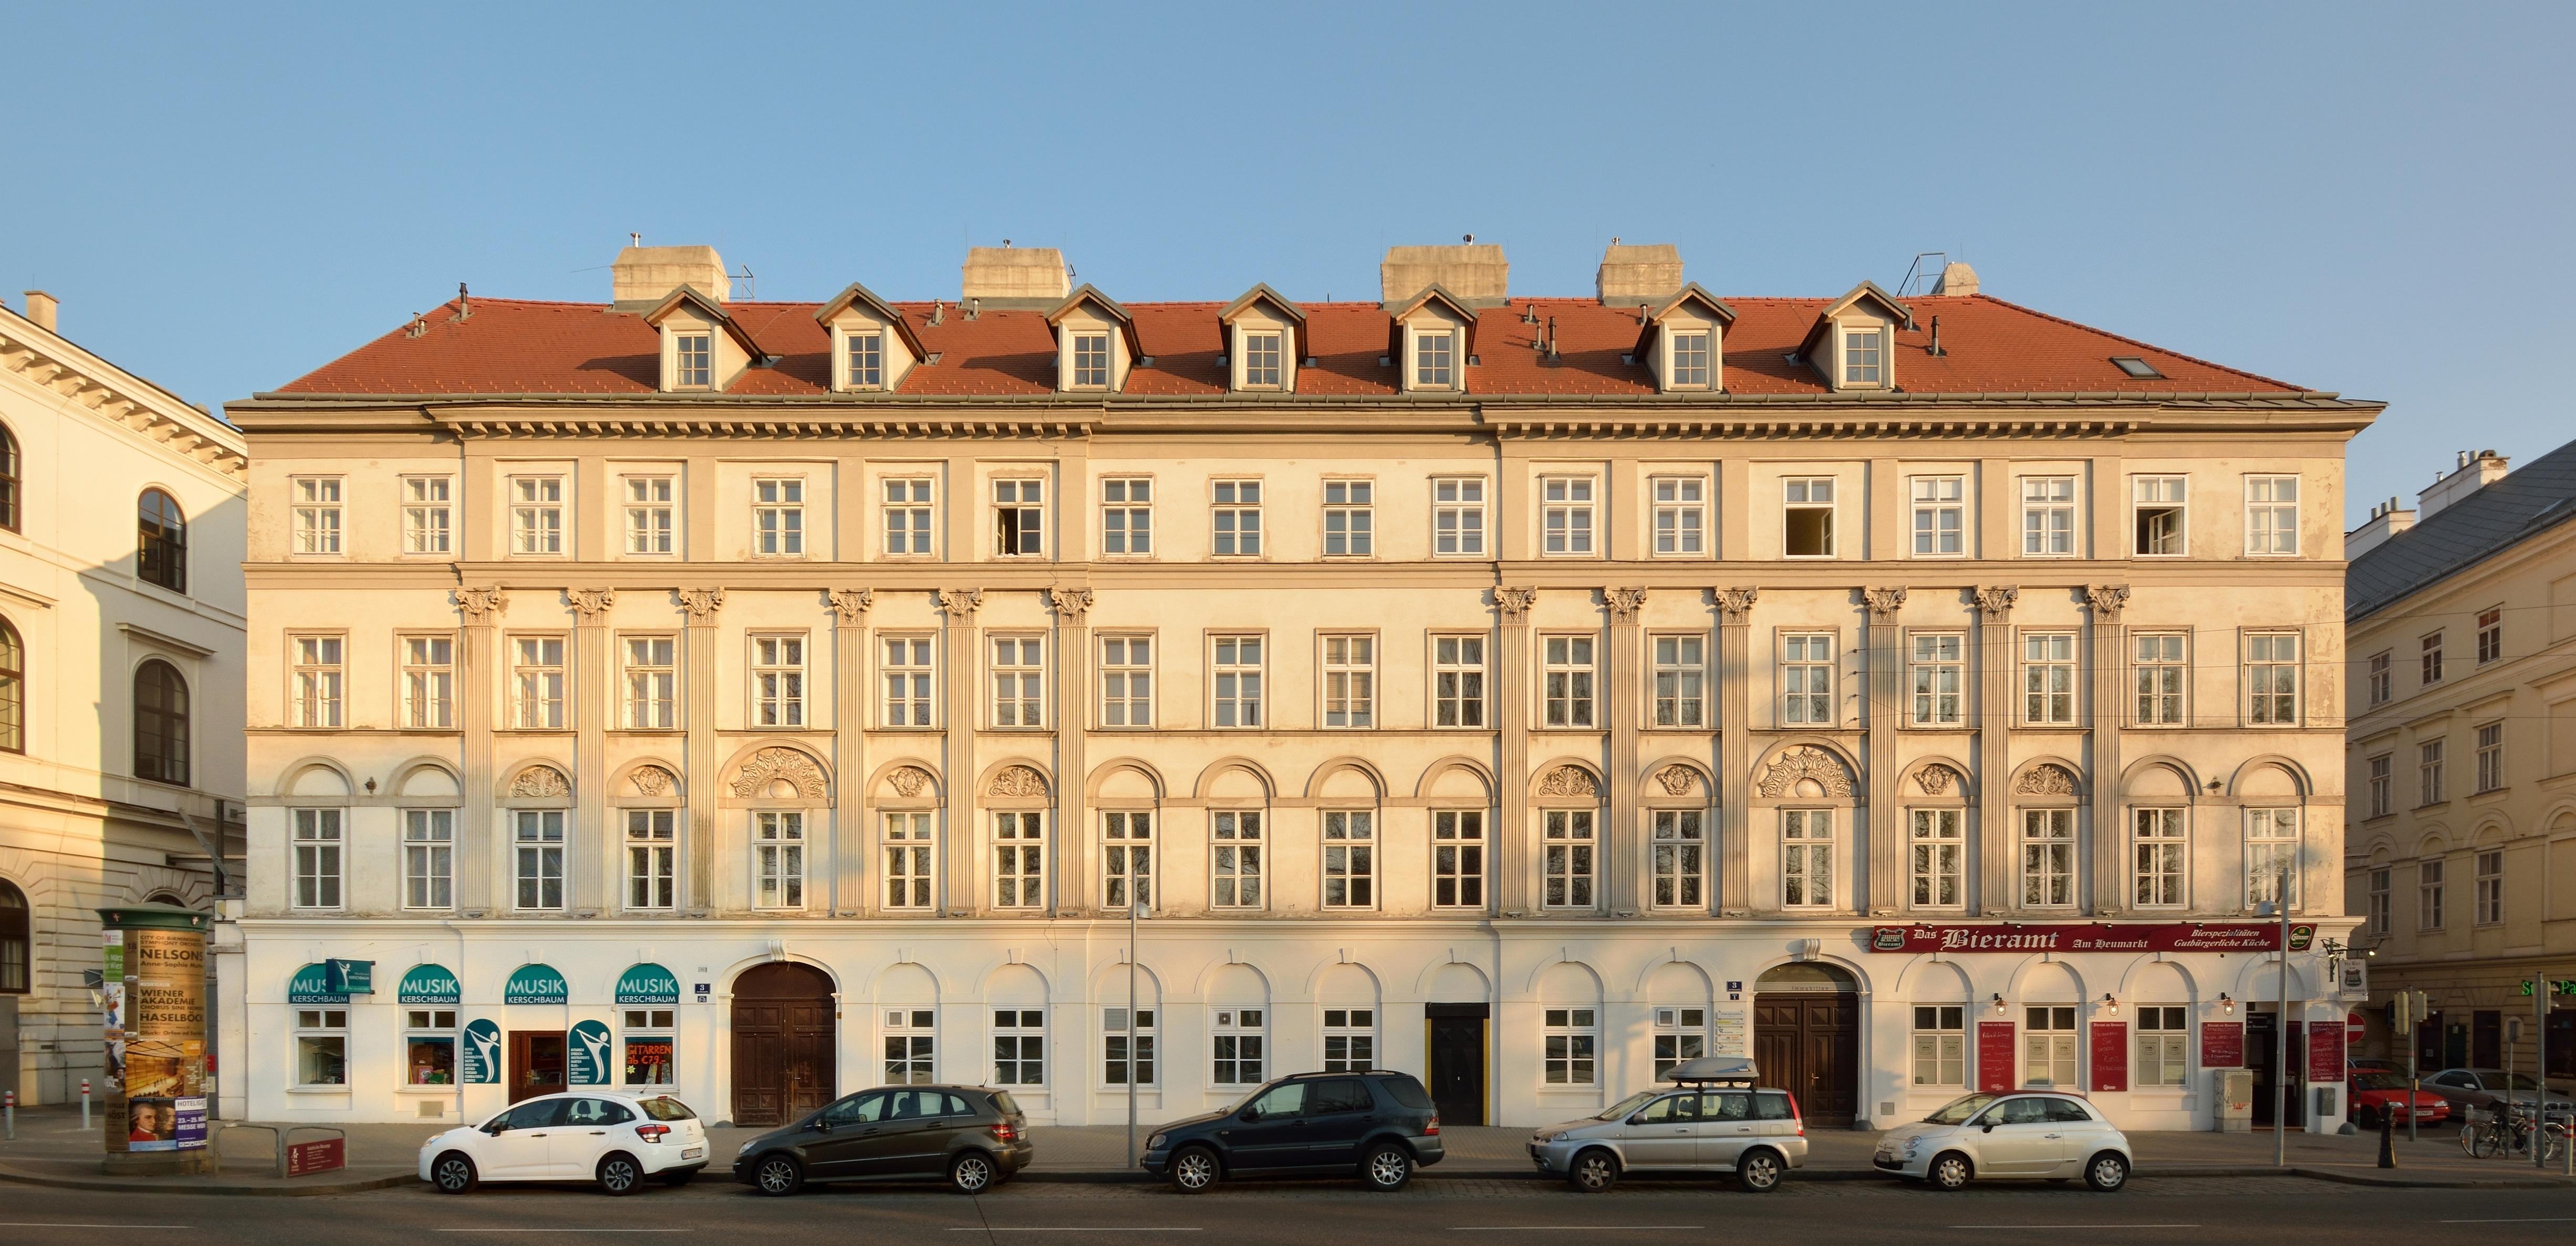 Am Heumarkt 3 Wien Landstrasse DSC 7384w.jpg